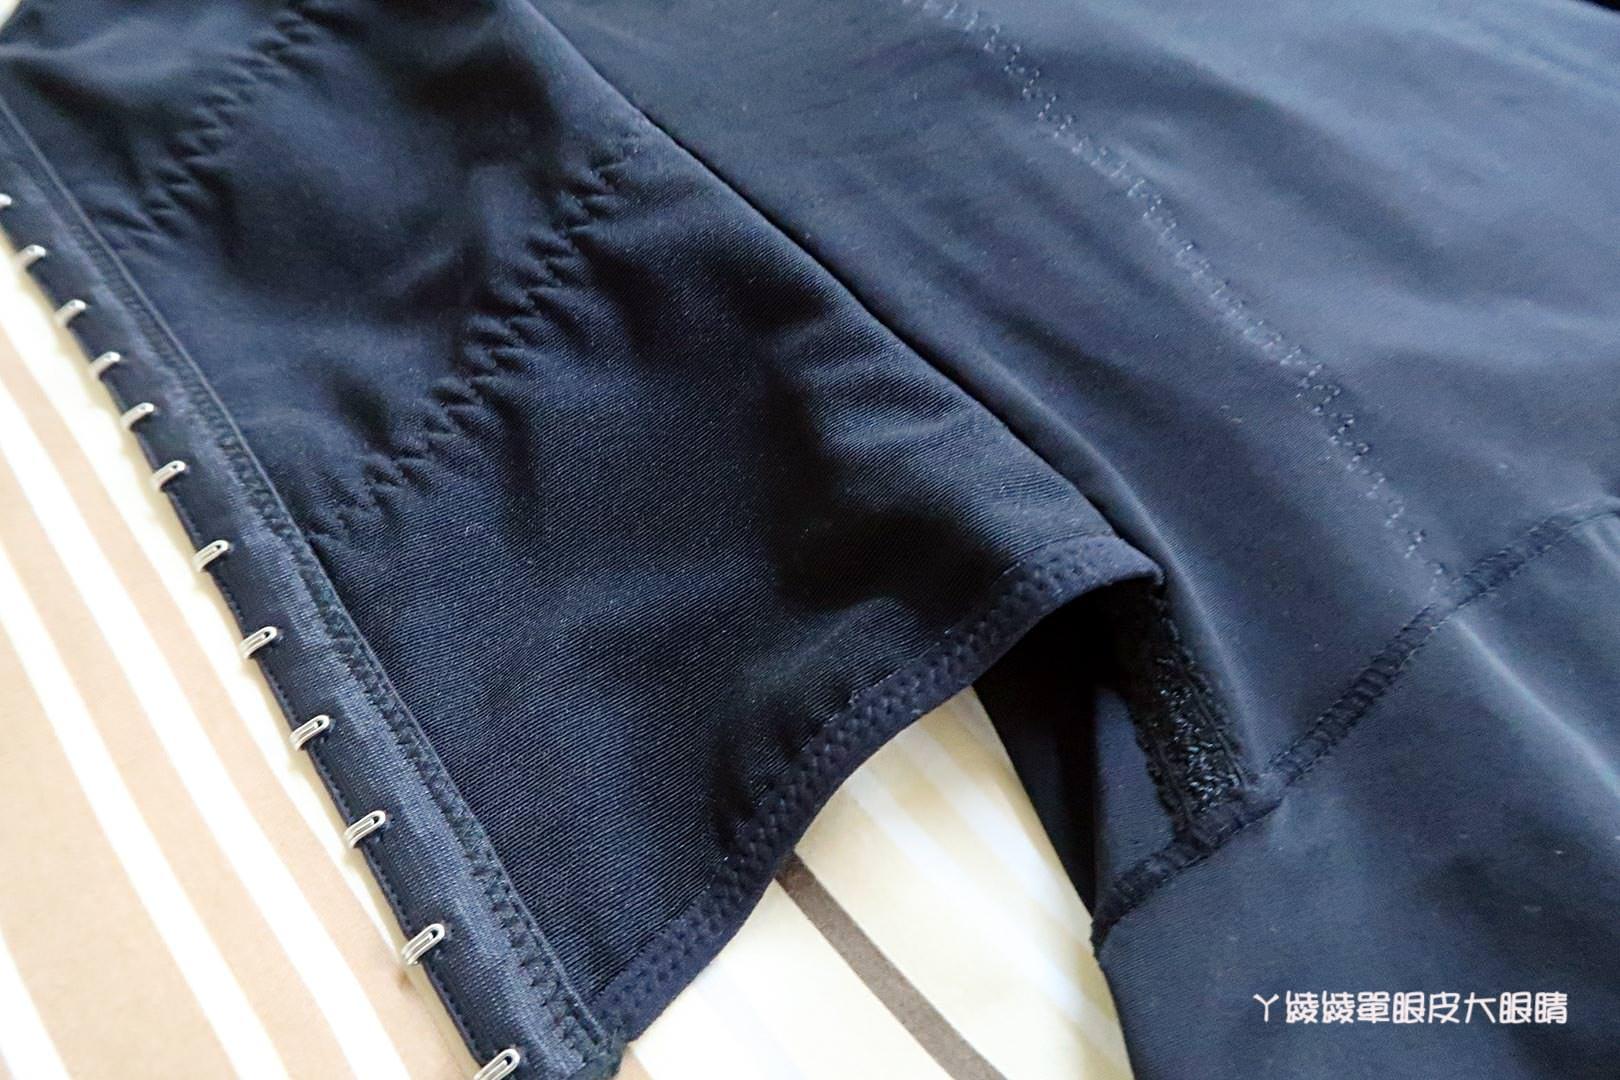 塑身衣推薦!厚片女孩變身S曲線的必備心機穿著,優蕾帝塑身衣